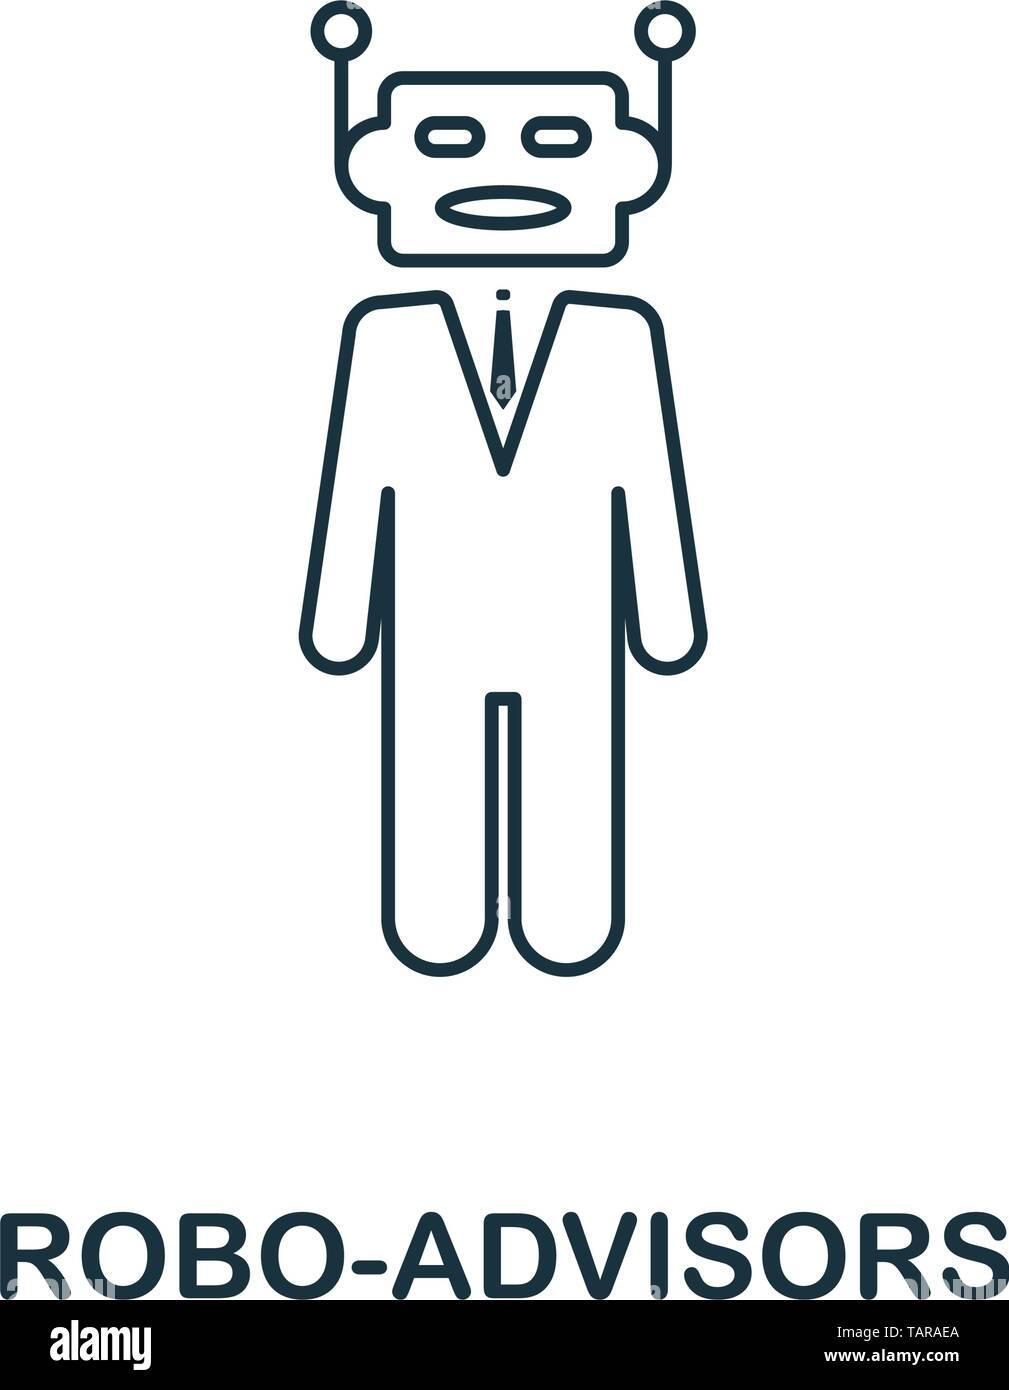 Icona Robo-Advisors outline stile. Linea sottile design di fintech raccolta di icone. Pixel perfect robo-icona di consulenti per il web design, applicazioni software Illustrazione Vettoriale